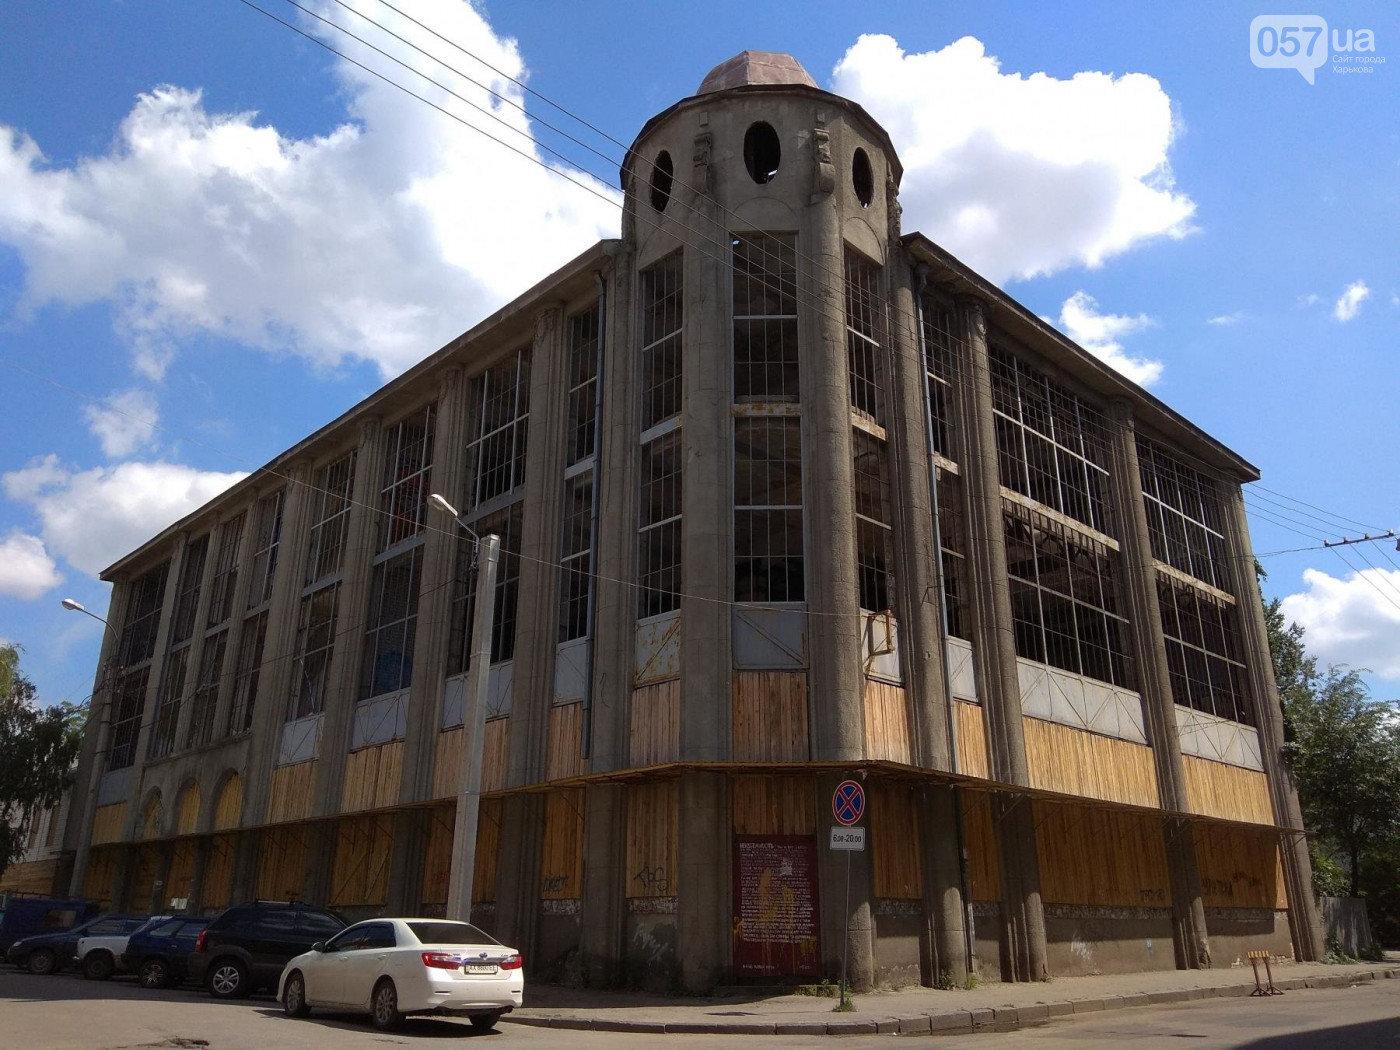 «Заброшки» Харькова. ТОП-5 разрушенных городских зданий, - ФОТО, фото-1